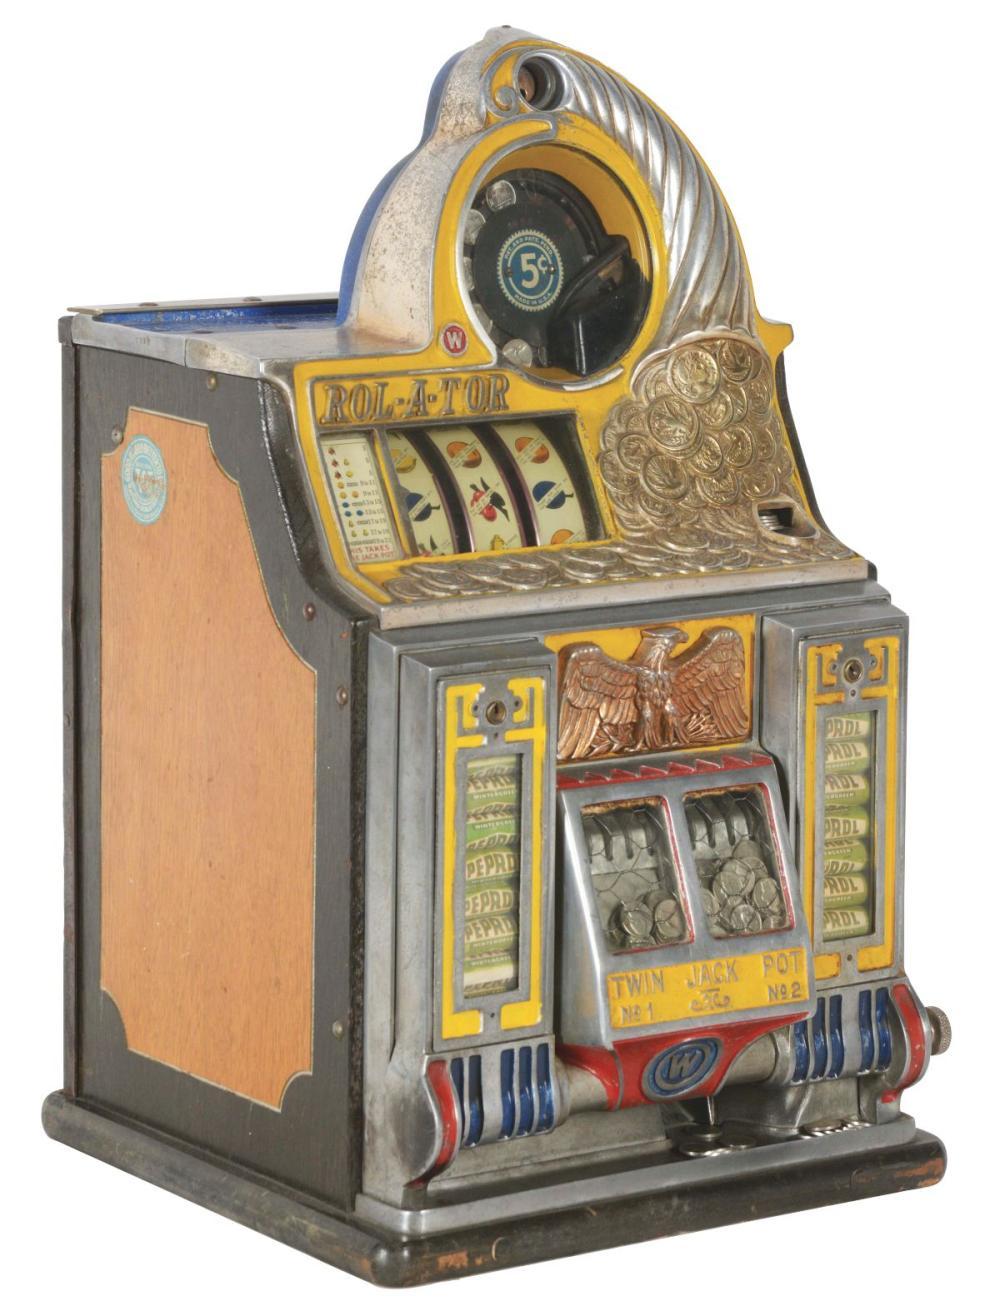 5¢ WATLING ROL-A-TOR SLOT MACHINE.